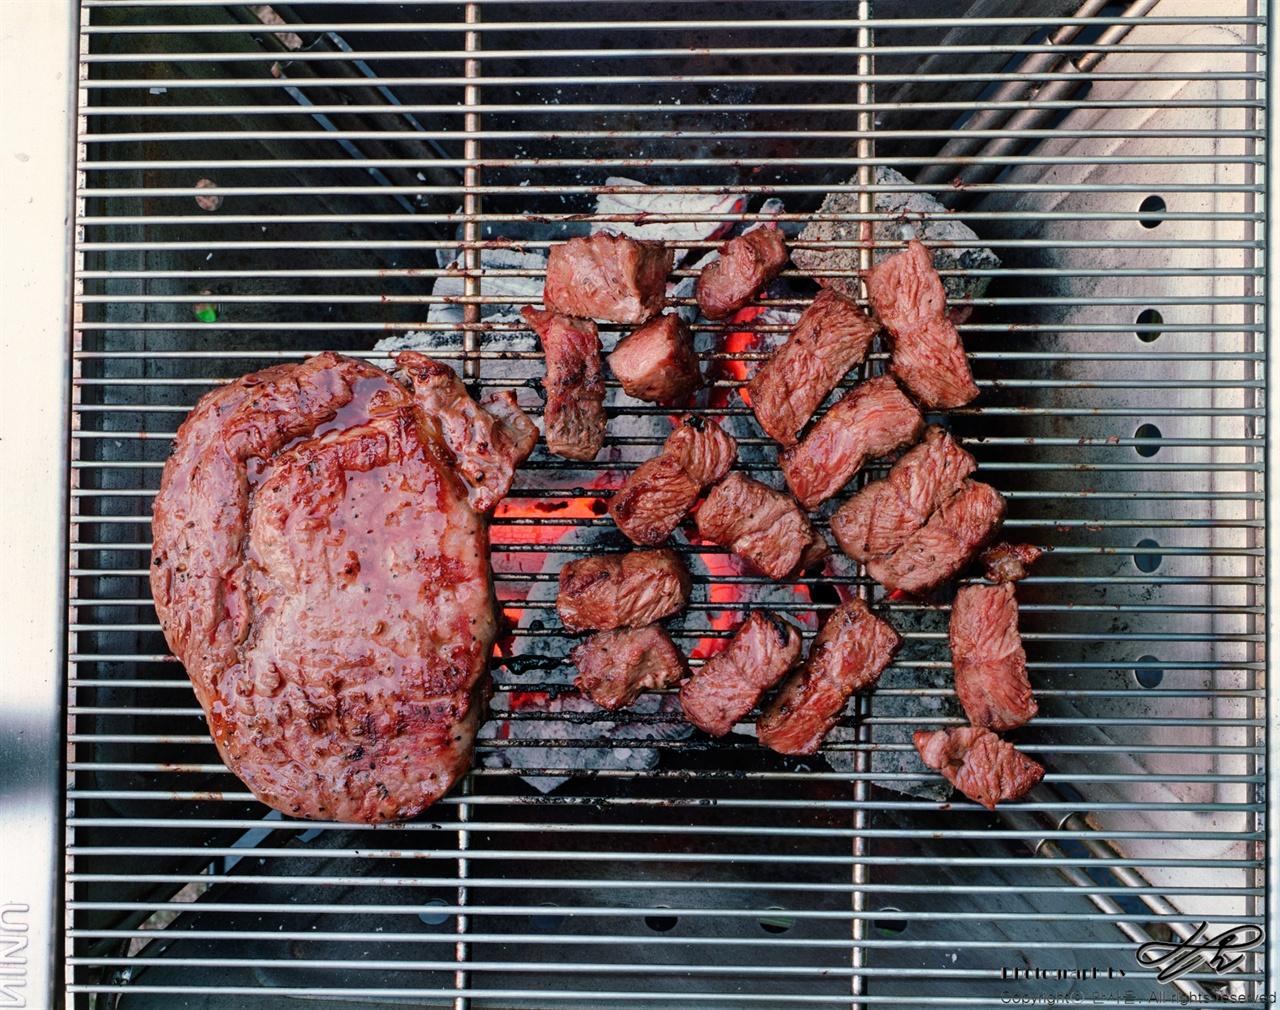 고기 굽기 (6*7중형/Pro400H)두 달 전 야영 때 남은 숯을 고이 모셔 두었다가 이 날 사용했다. 타지 않게 굽는 기술이 나날이 늘어간다.